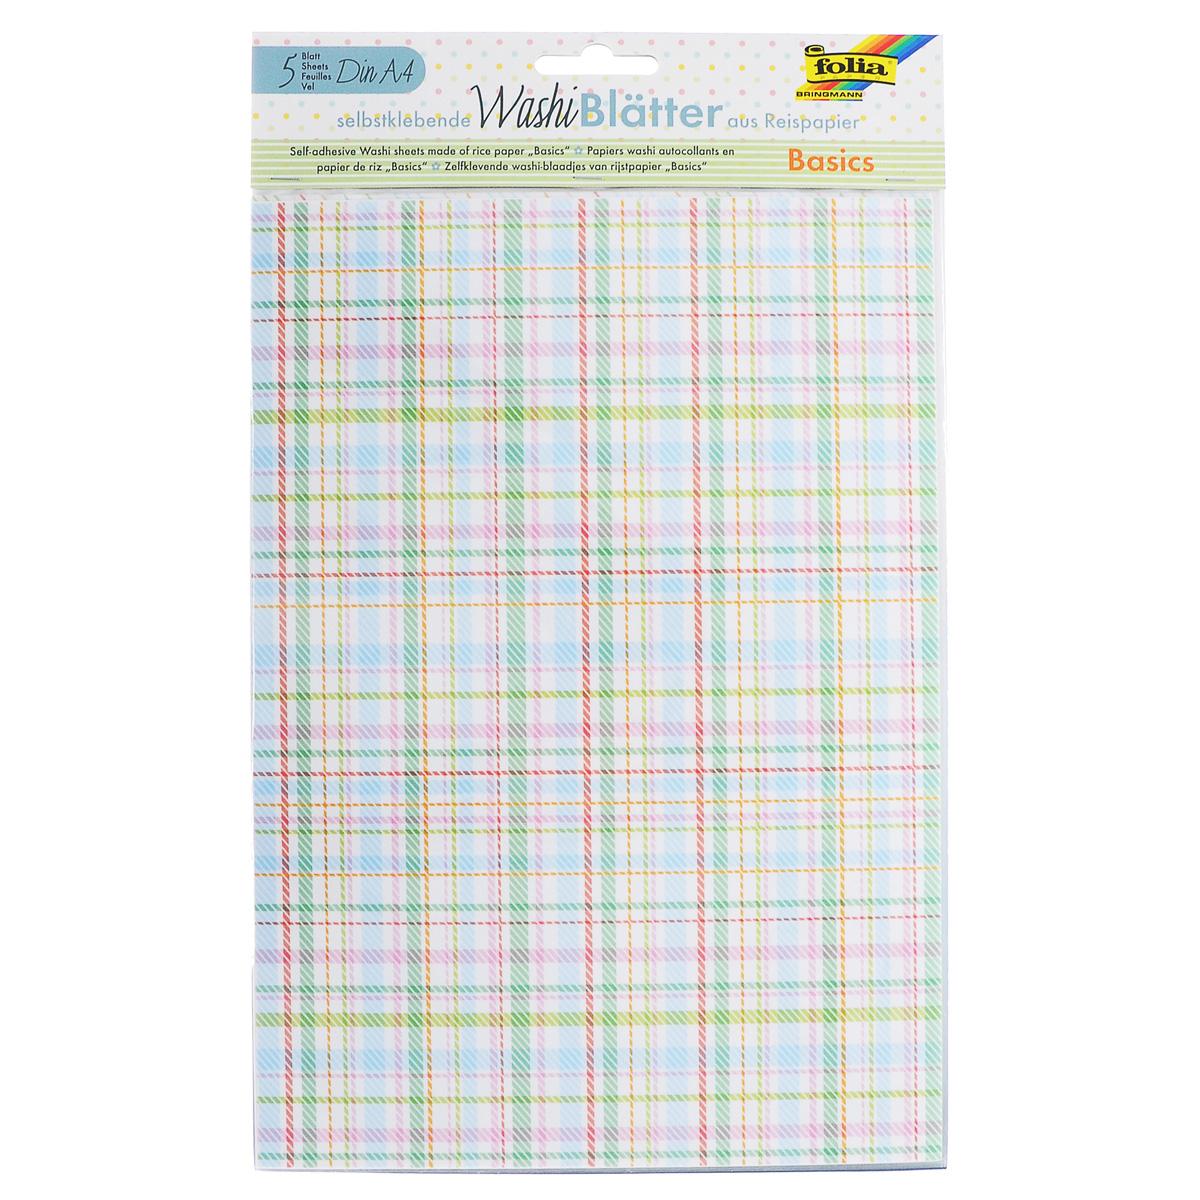 Рисовая бумага Folia Полосы и точки, самоклеящаяся, 29,5 x 21 см, 5 листов7707990Рисовая бумага Folia Полосы и точки - бумага с матовой поверхностью, которая используется для изготовления открыток, для скрапбукинга и других декоративных или дизайнерских работ. Бумага декорирована изображениями точек и линий. Она имеет самоклеящуюся пленку, позволяющую удаление и повторное приклеивание, что обеспечивает большие творческие возможности. Изделие имеет отличное сцепление с бумагой, обоями, тканью и гладкими поверхностями, такими как металл, стекло и т.д. без специальной подготовки.